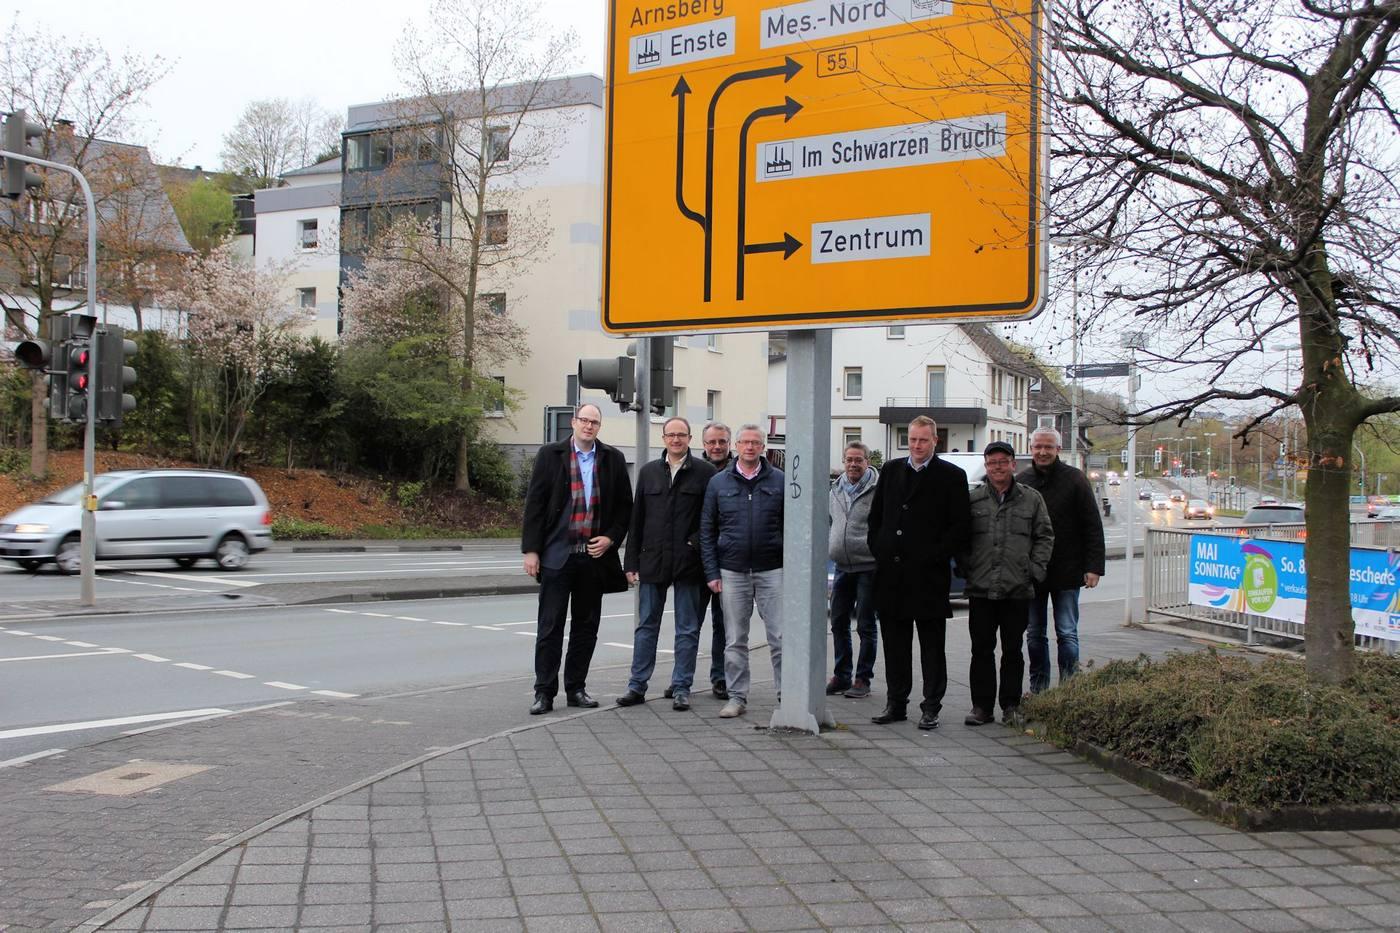 """Mit täglich rund 24.000 Fahrzeugen ist die B 55 im Abschnitt Steinstraße bis Antoniusbrücke die am stärksten befahrene Straße Meschedes. """"Hier muss sich dringend etwas tun"""", ist sich die CDU-Fraktion im Mescheder Stadtrat einig."""